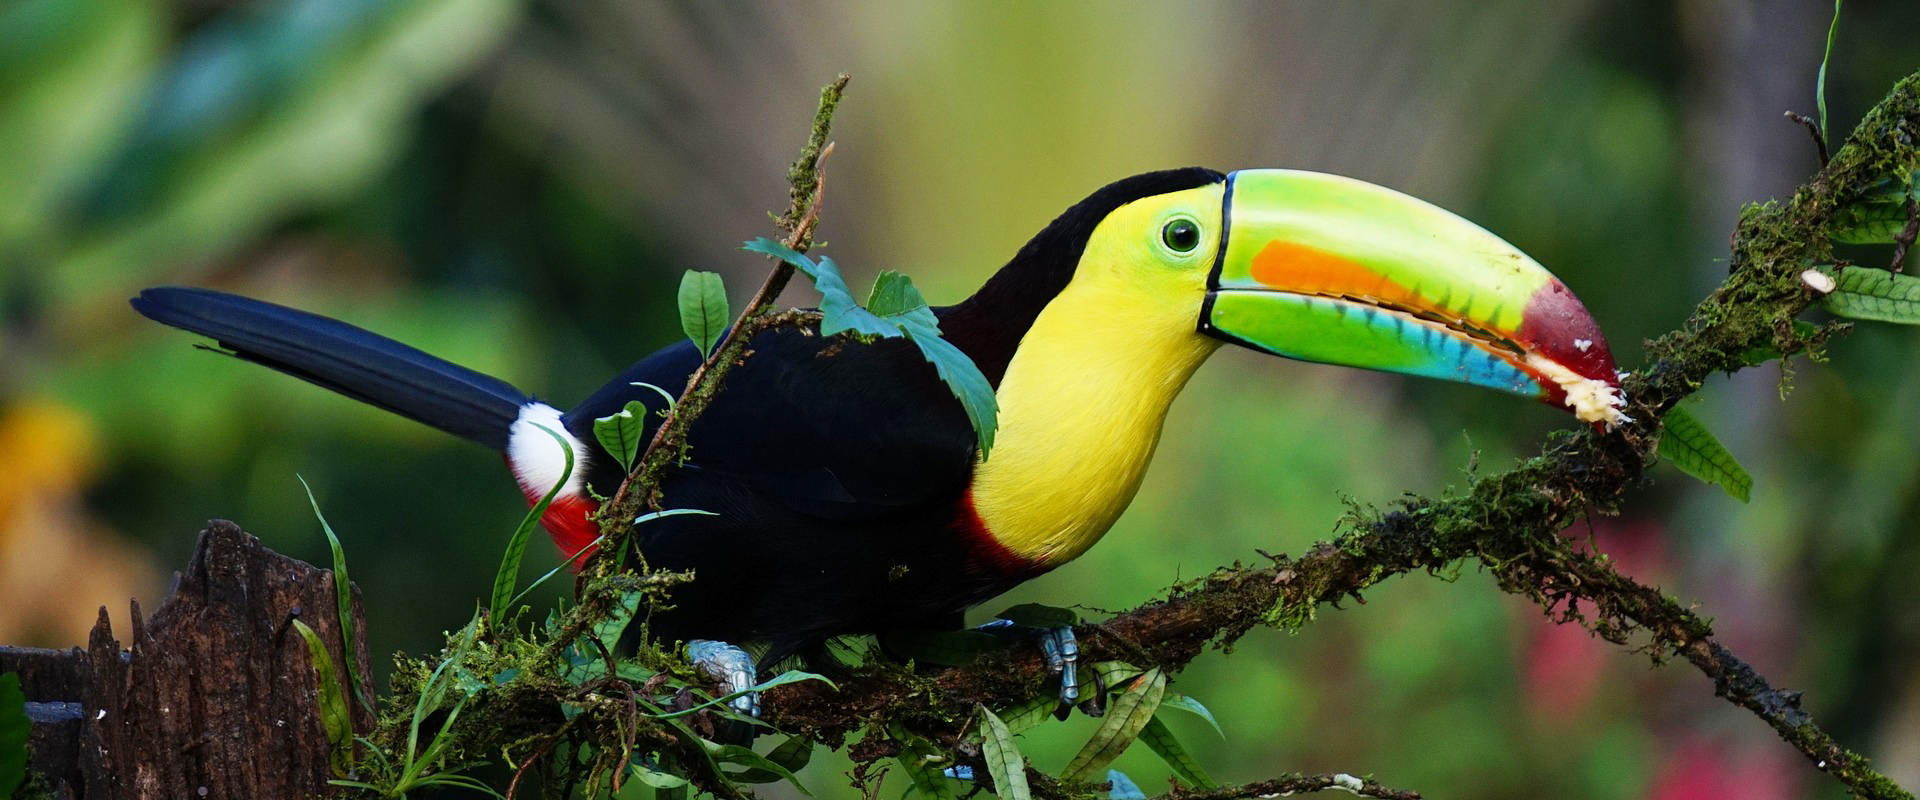 Costa Rica |Toucan